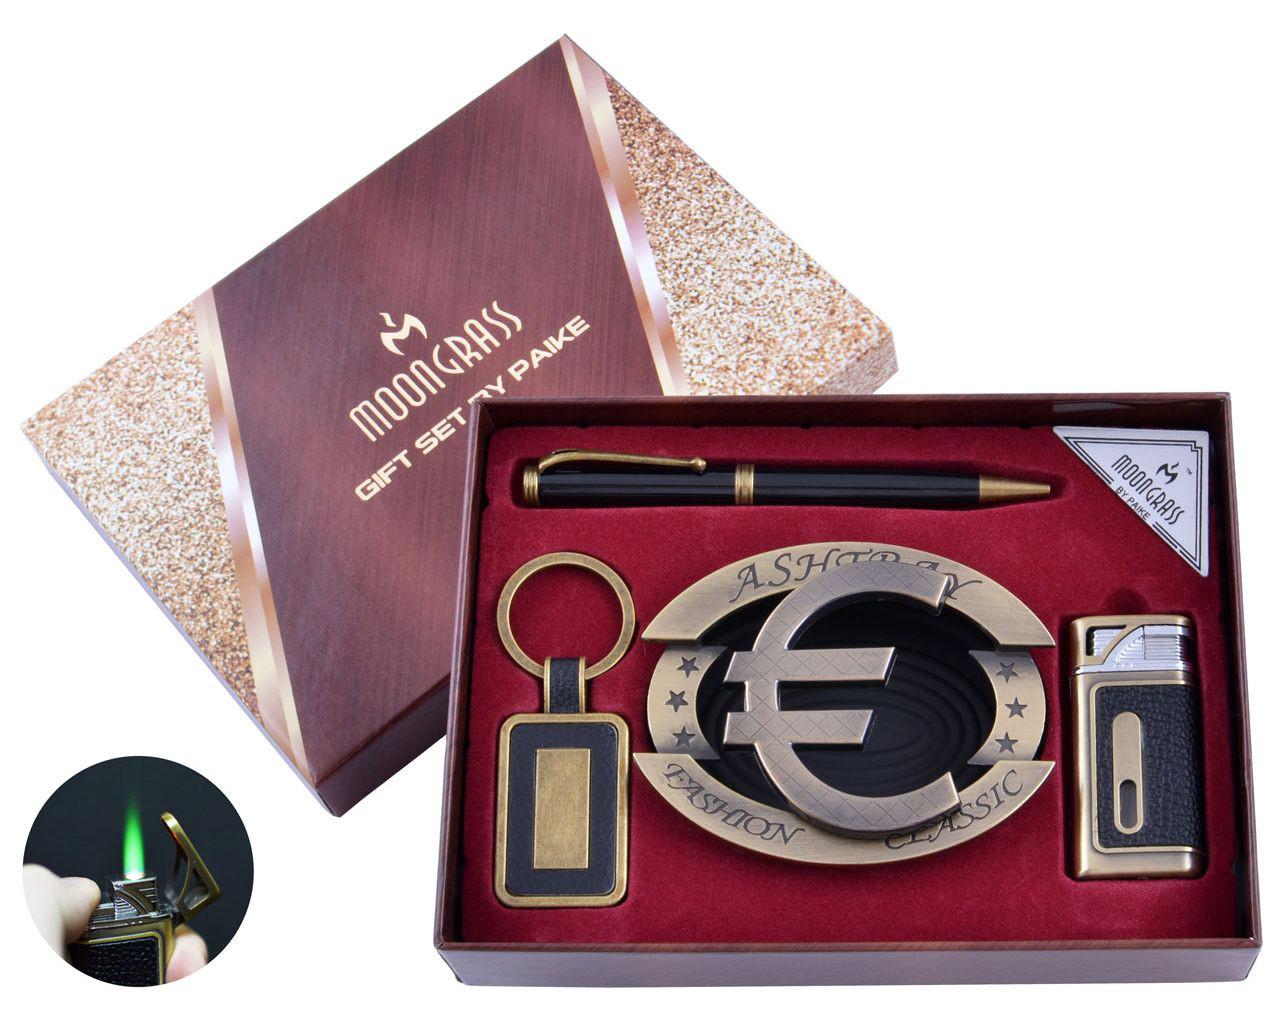 Подарочный набор c пепельницей, зажигалкой, ручкой и брелком Moongrass 4в1